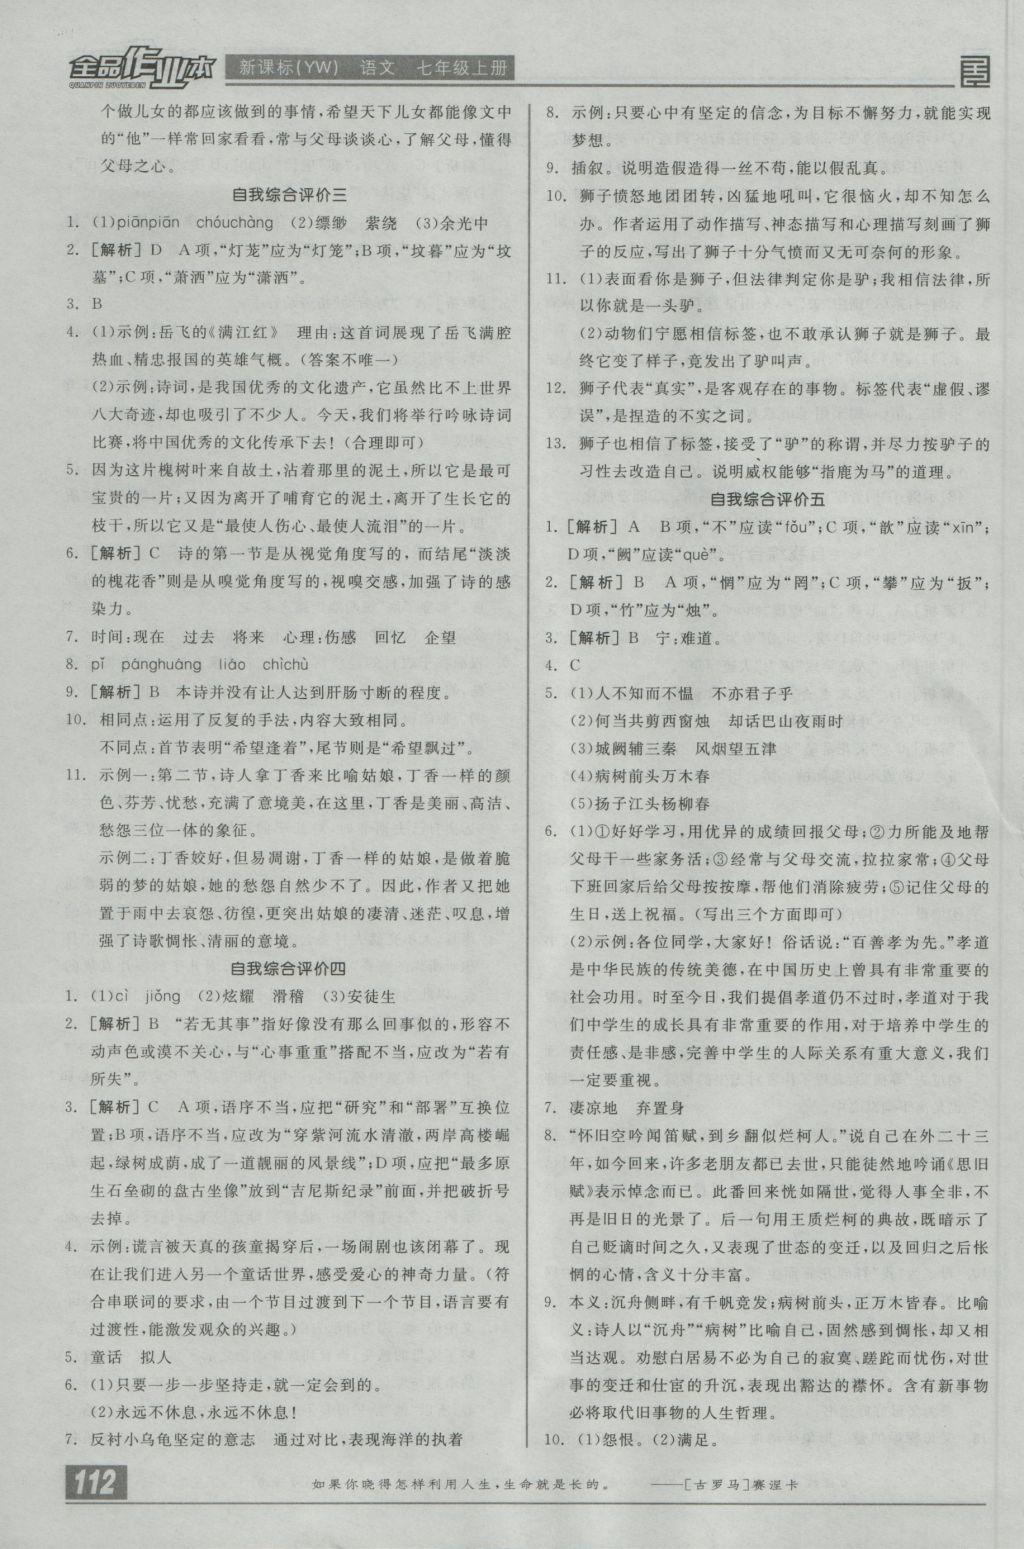 2016年全品作业本七年级语文上册语文版参考答案第14页